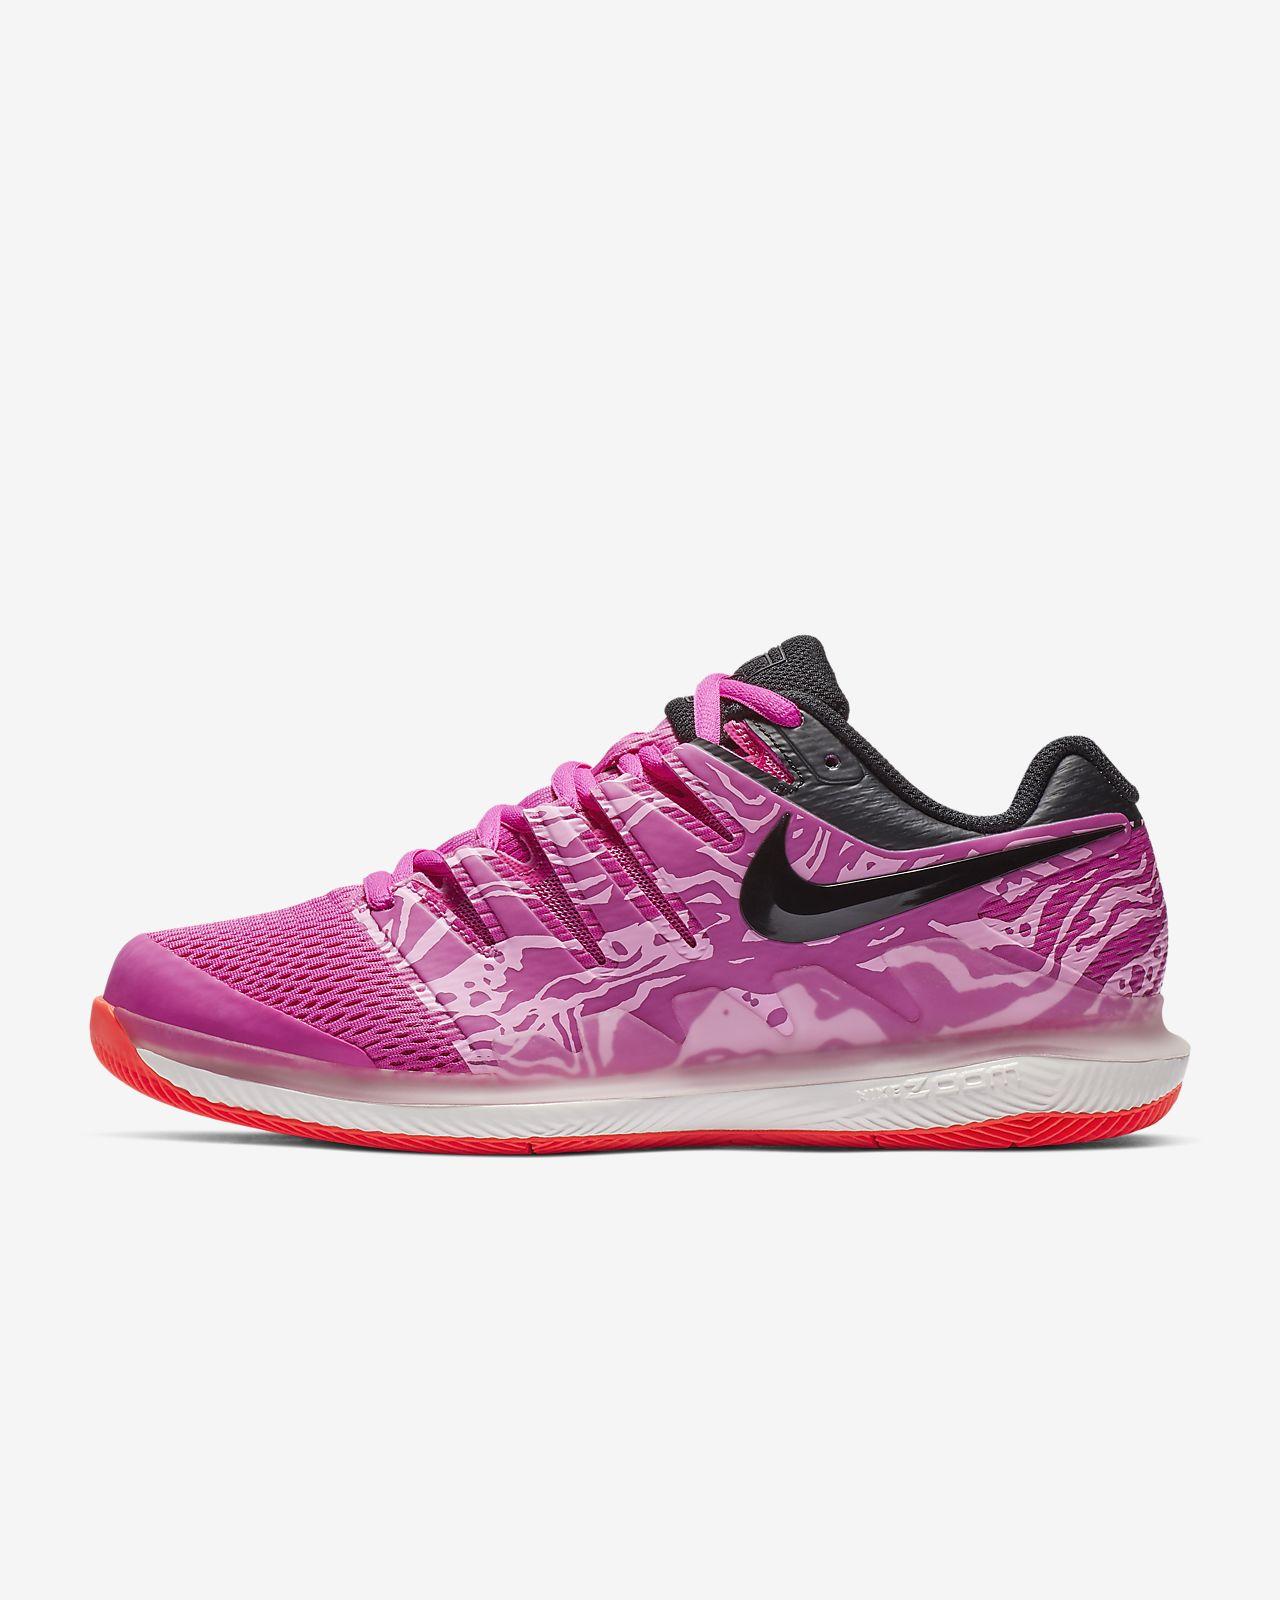 buy popular 75332 ff5d9 NikeCourt Air Zoom Vapor X Hardcourt tennisschoen voor dames